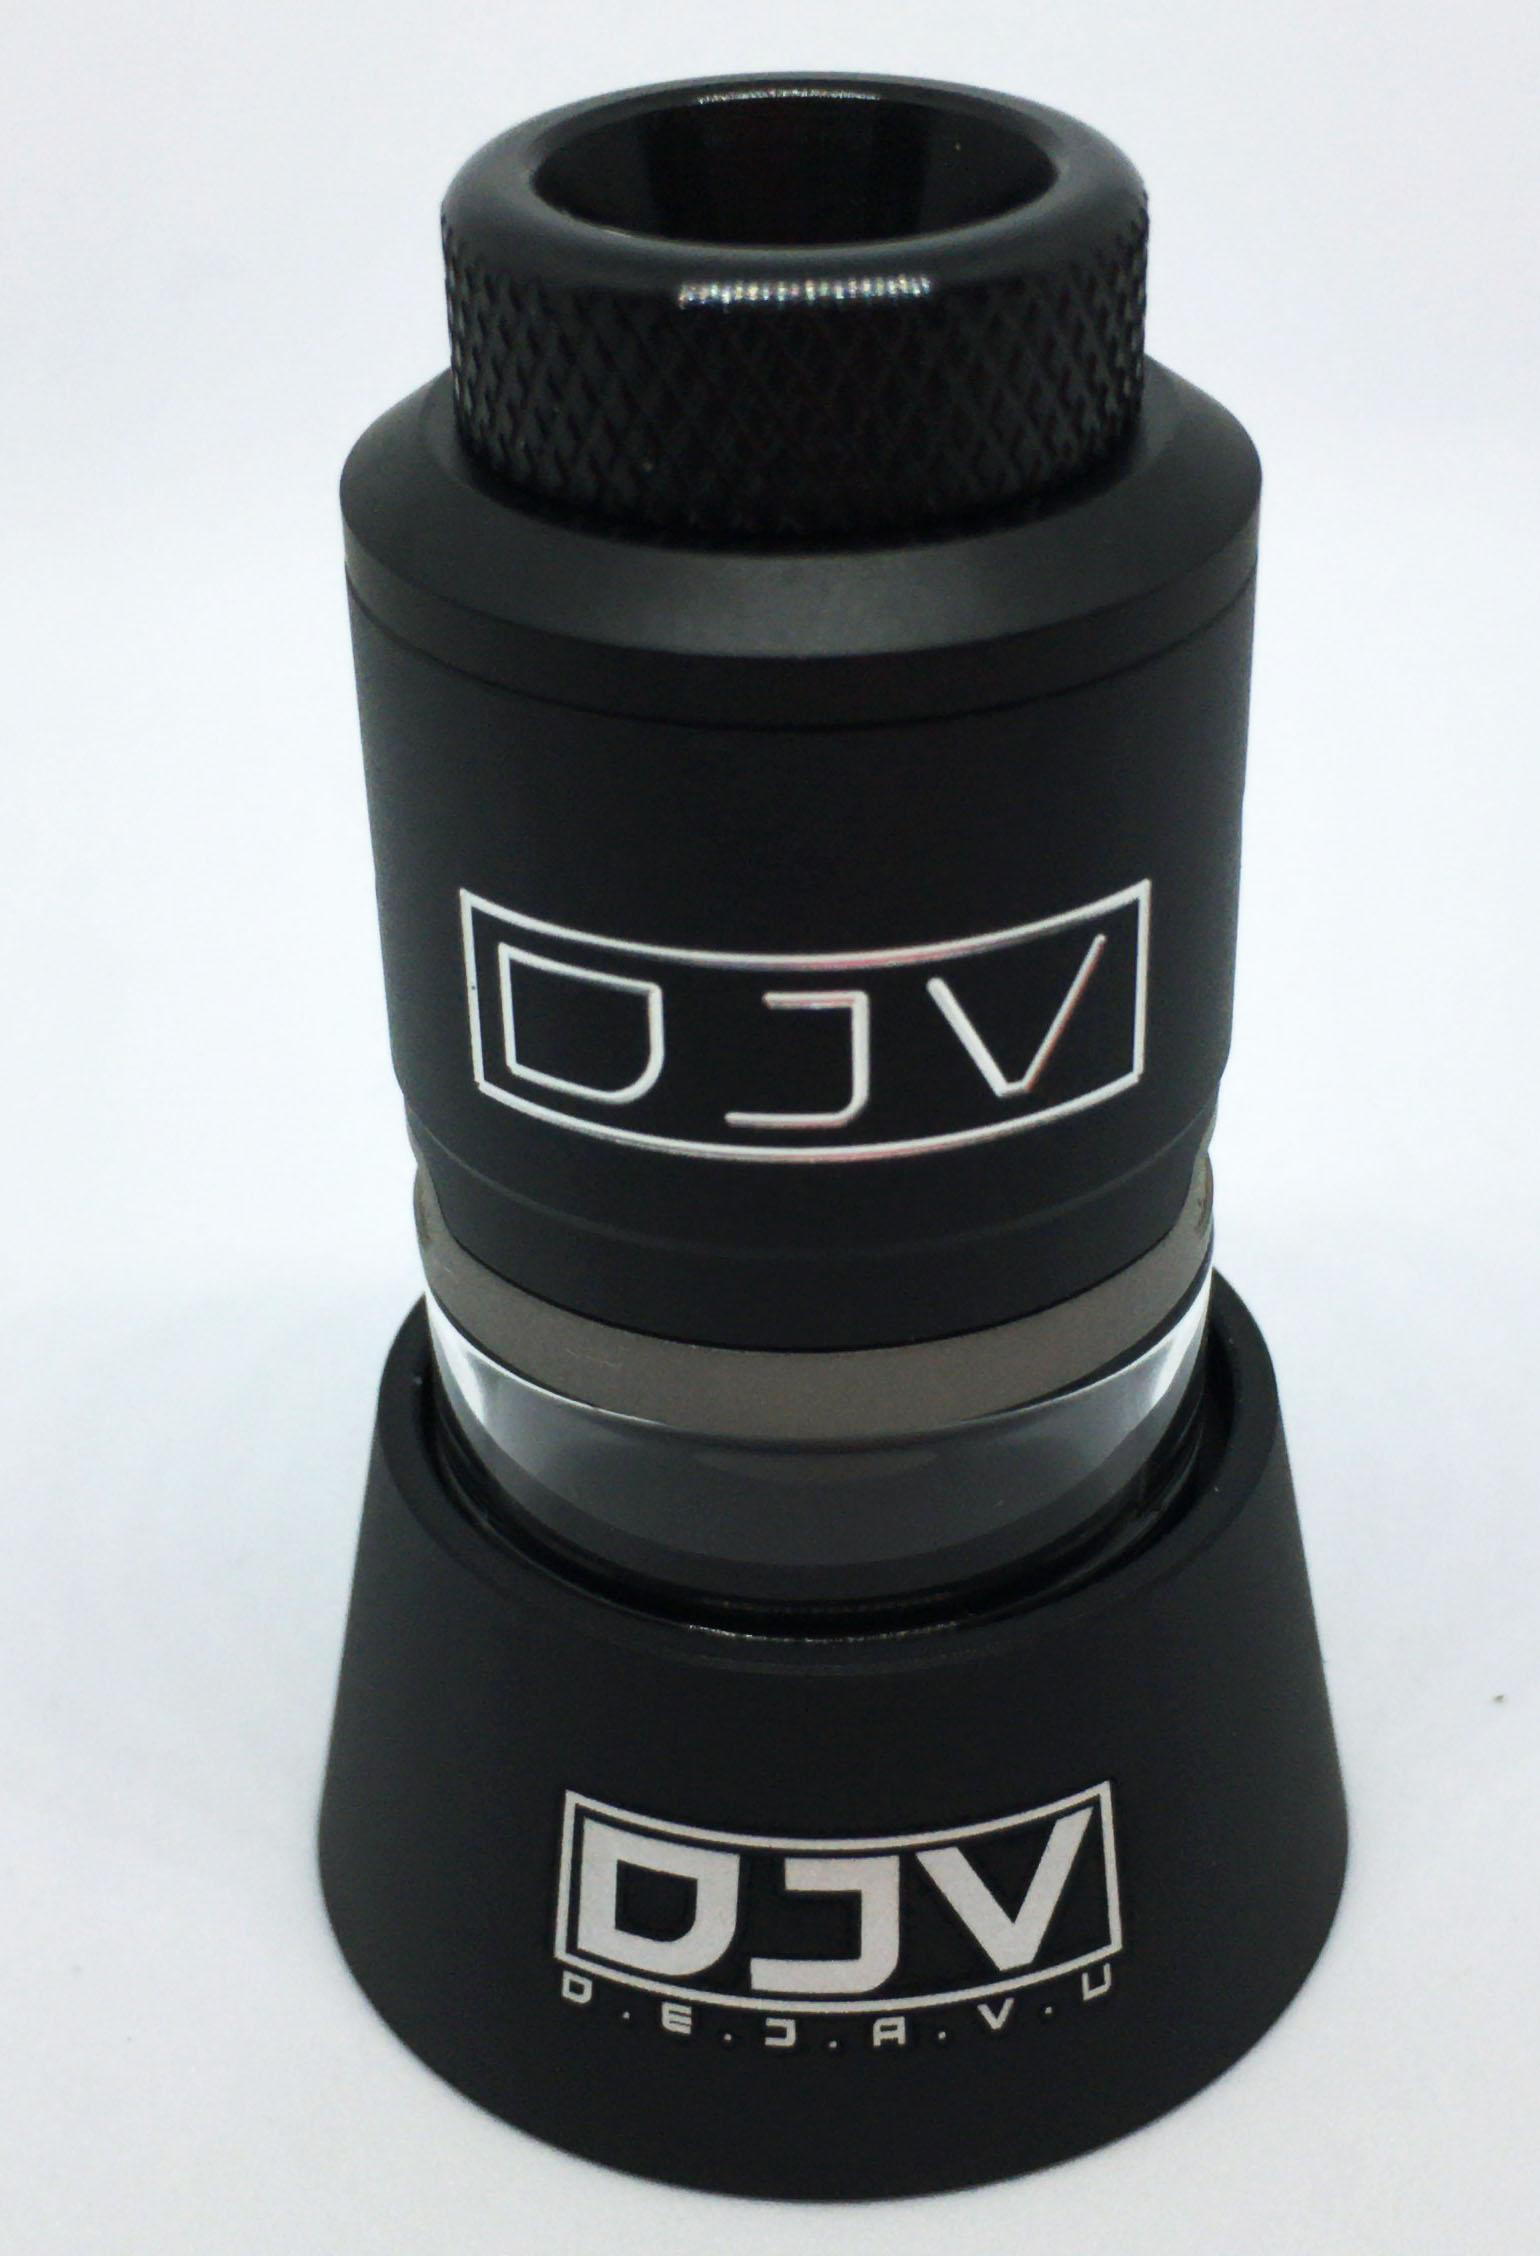 DJV DEJAVU RDTAレビュー | 渋い見た目で、扱いやすいRDTA